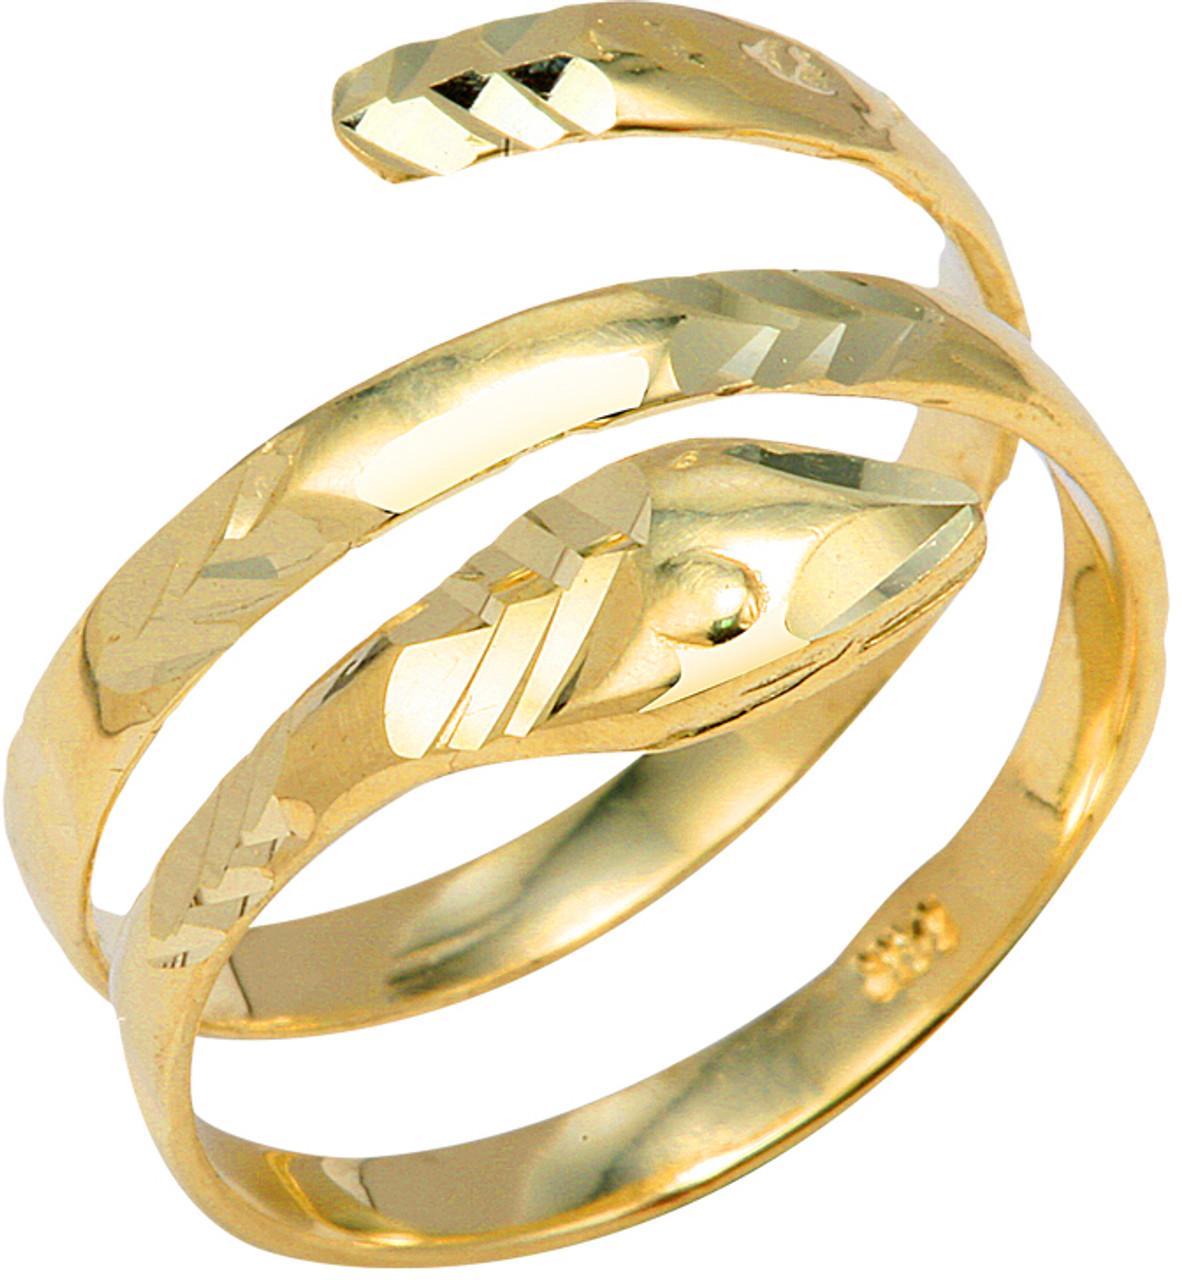 10K White Gold Snake Coiled Ring 19 mm Long